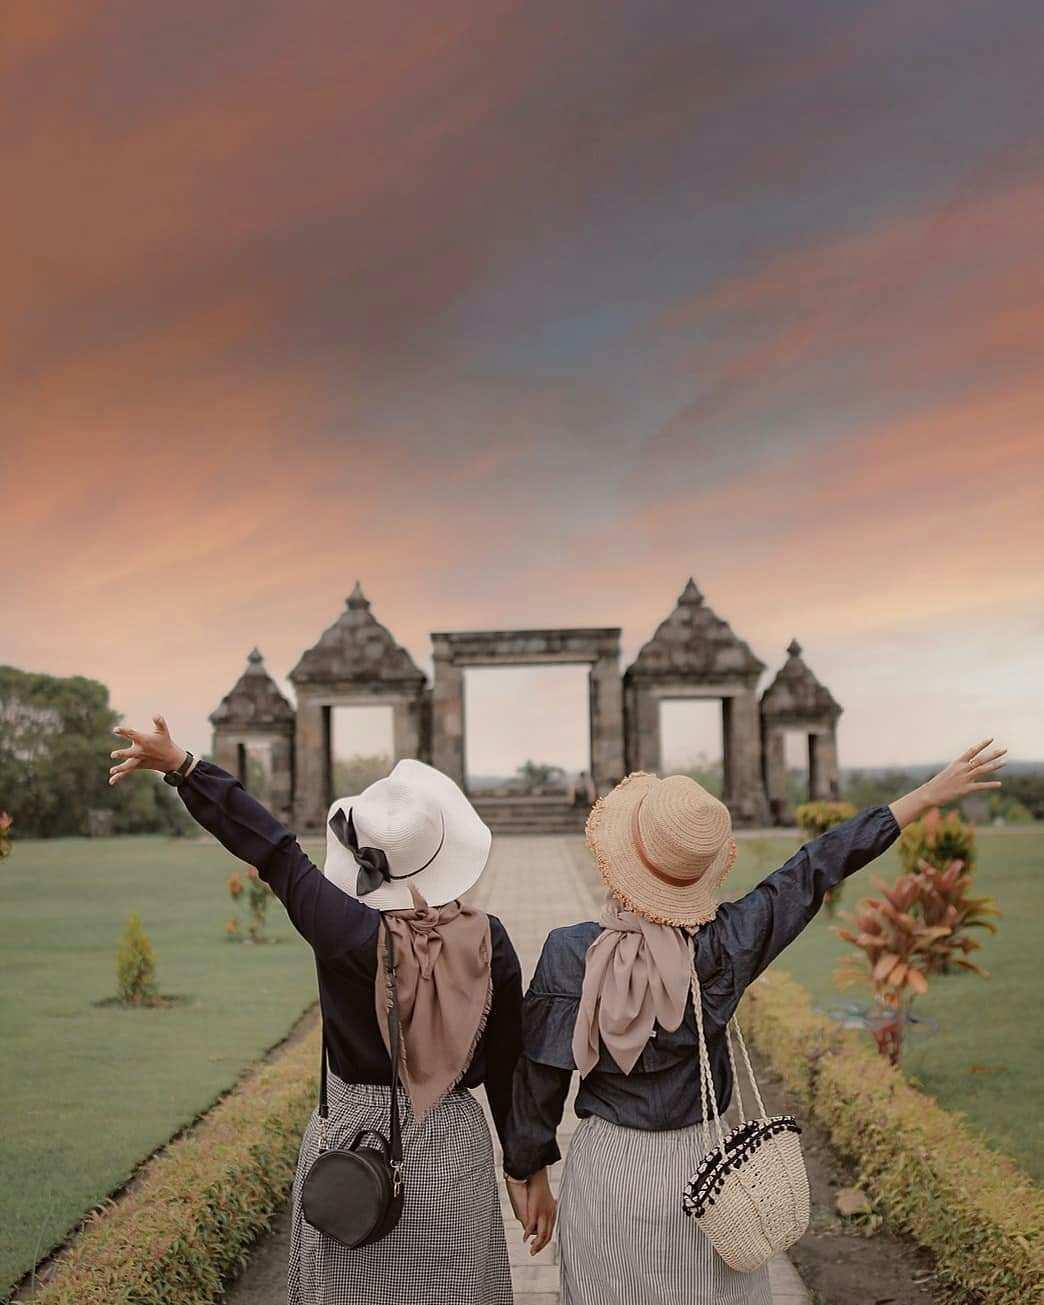 Berfoto Bersama di Ratu Boko Jogja, Image From @masazies